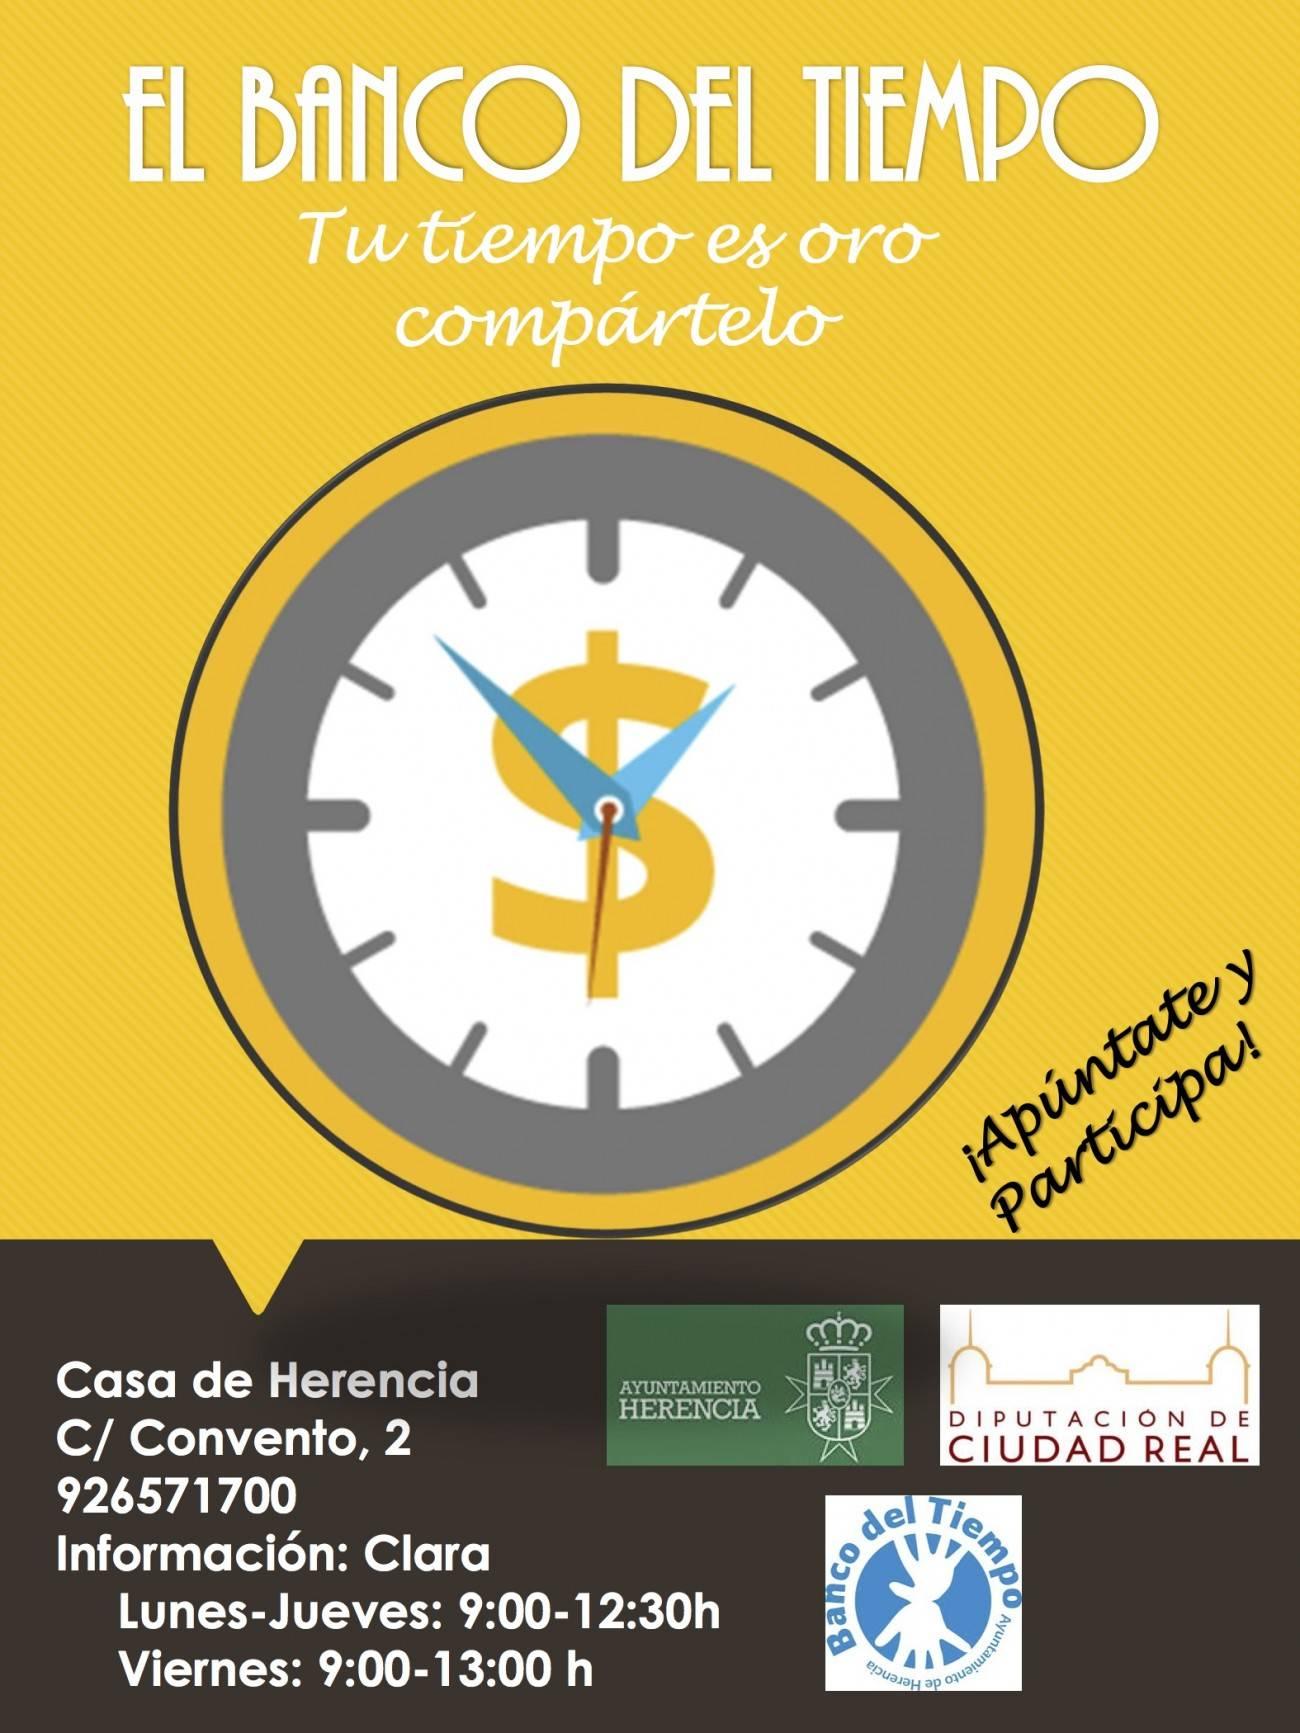 Banco del tiempo Herencia - El Banco del Tiempo vuelve a abrir en Herencia